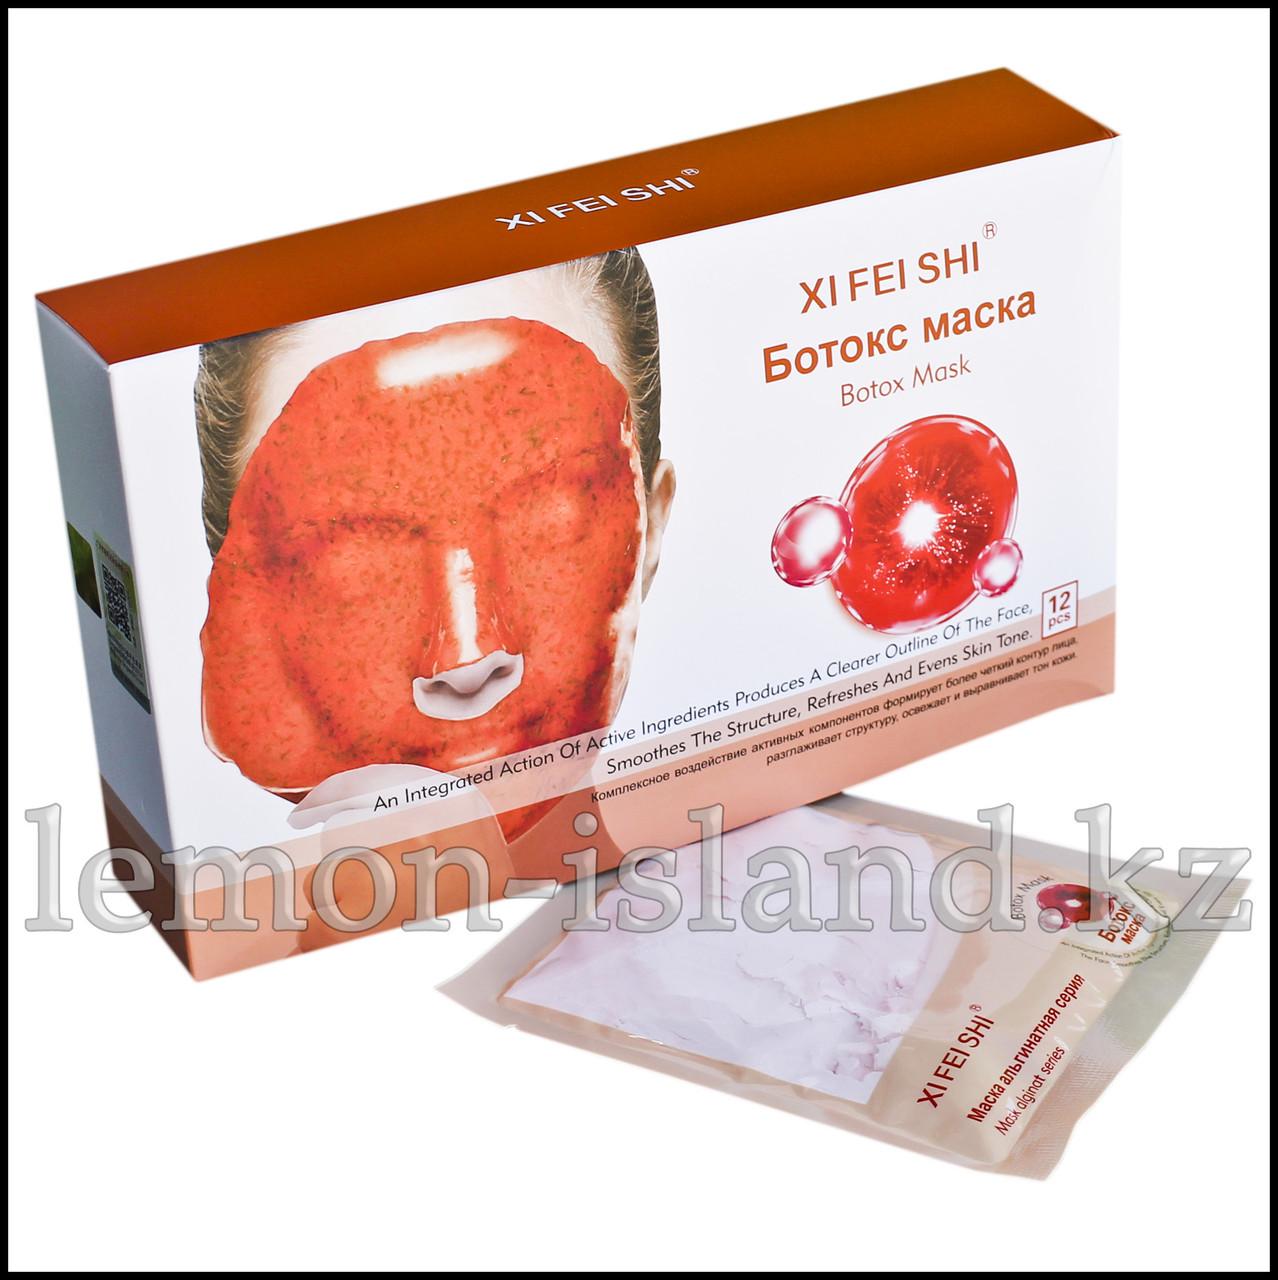 Маска альгинатная для лица Xi Fei Shi с эффектом ботокса.